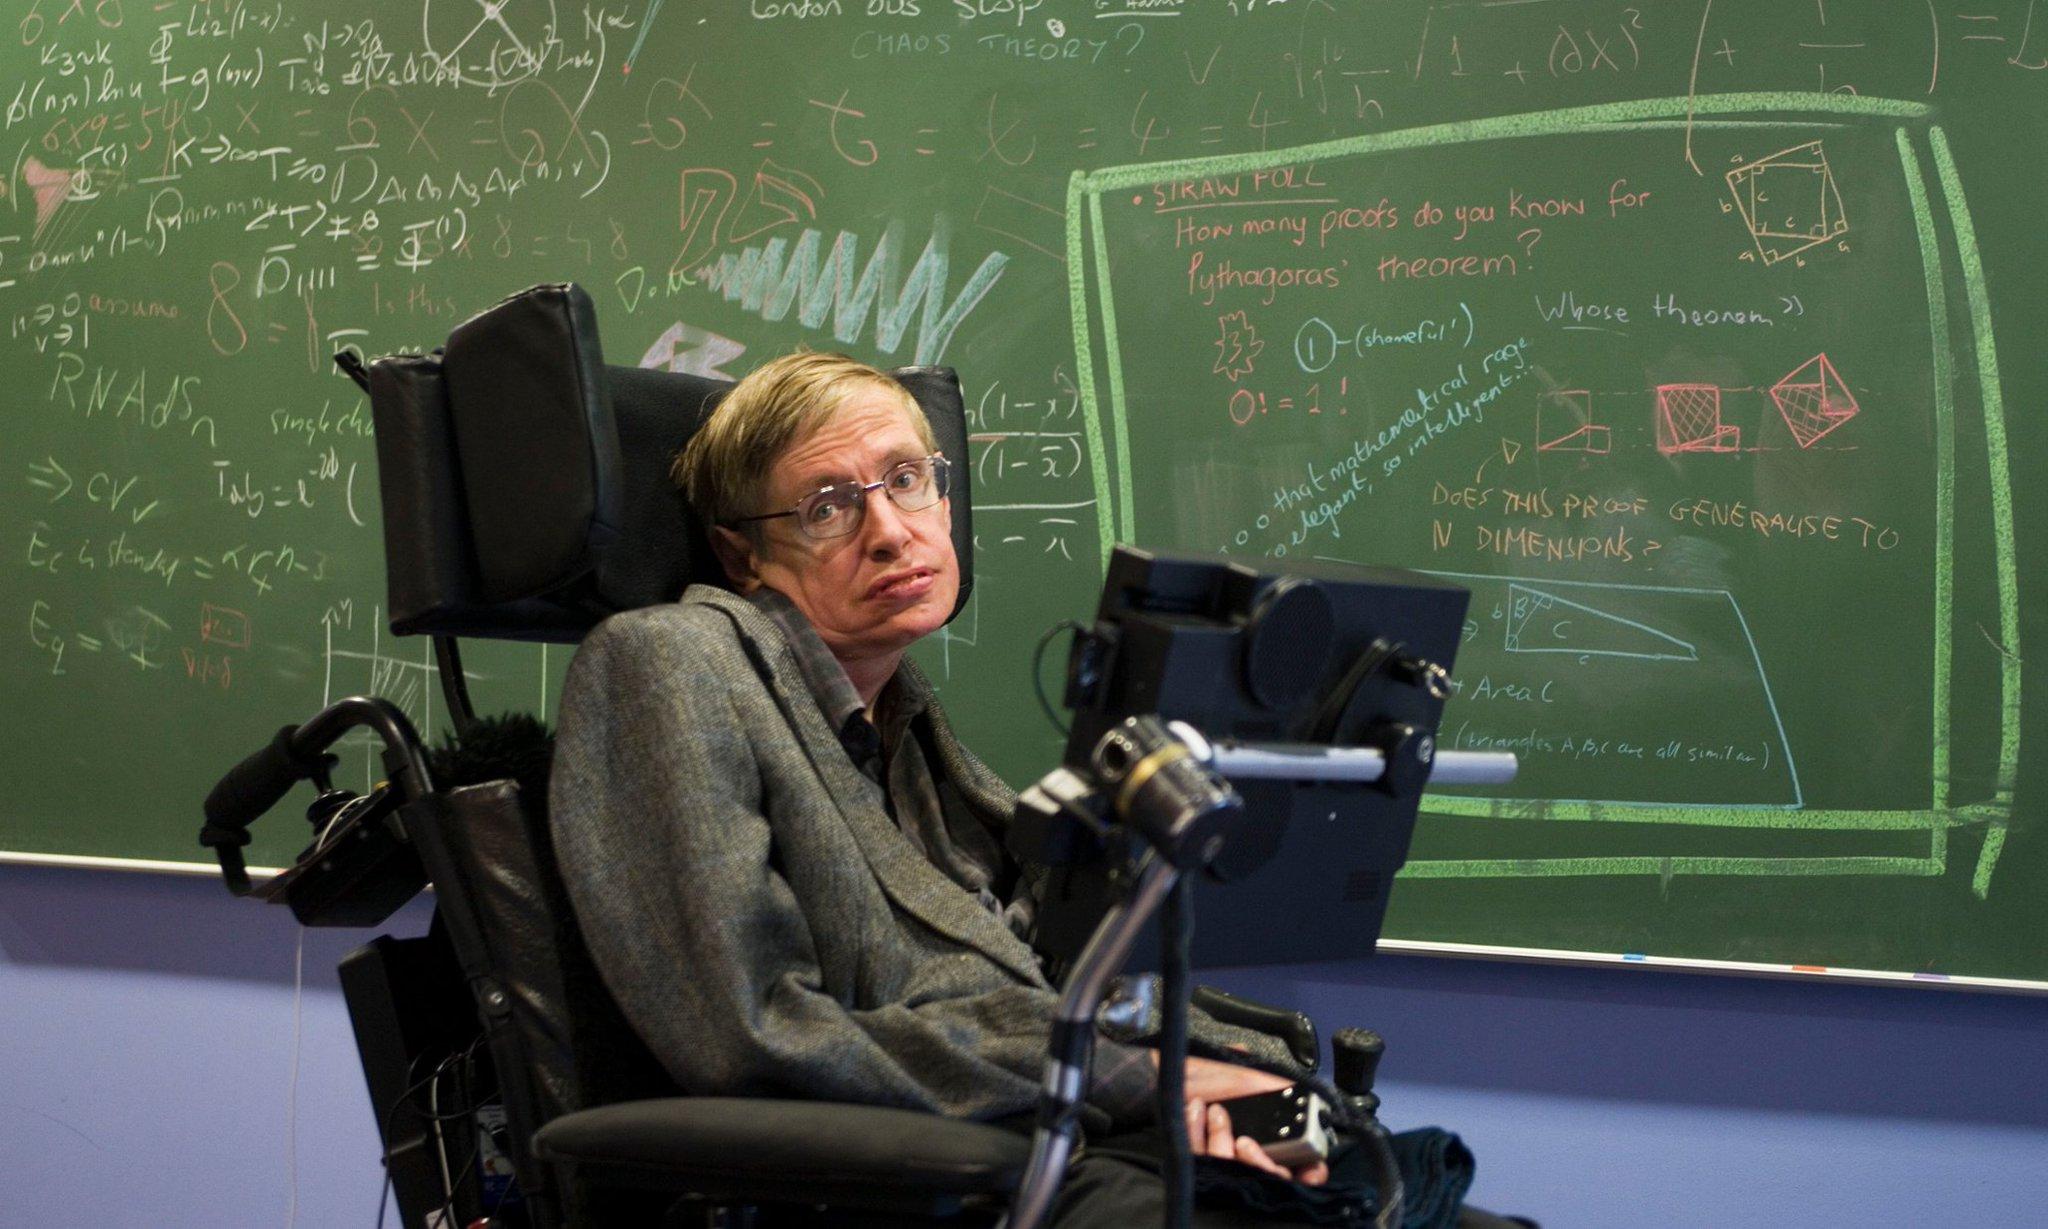 RT @MichaelSkolnik: RIP Stephen Hawking. https://t.co/RLEZV12RpX